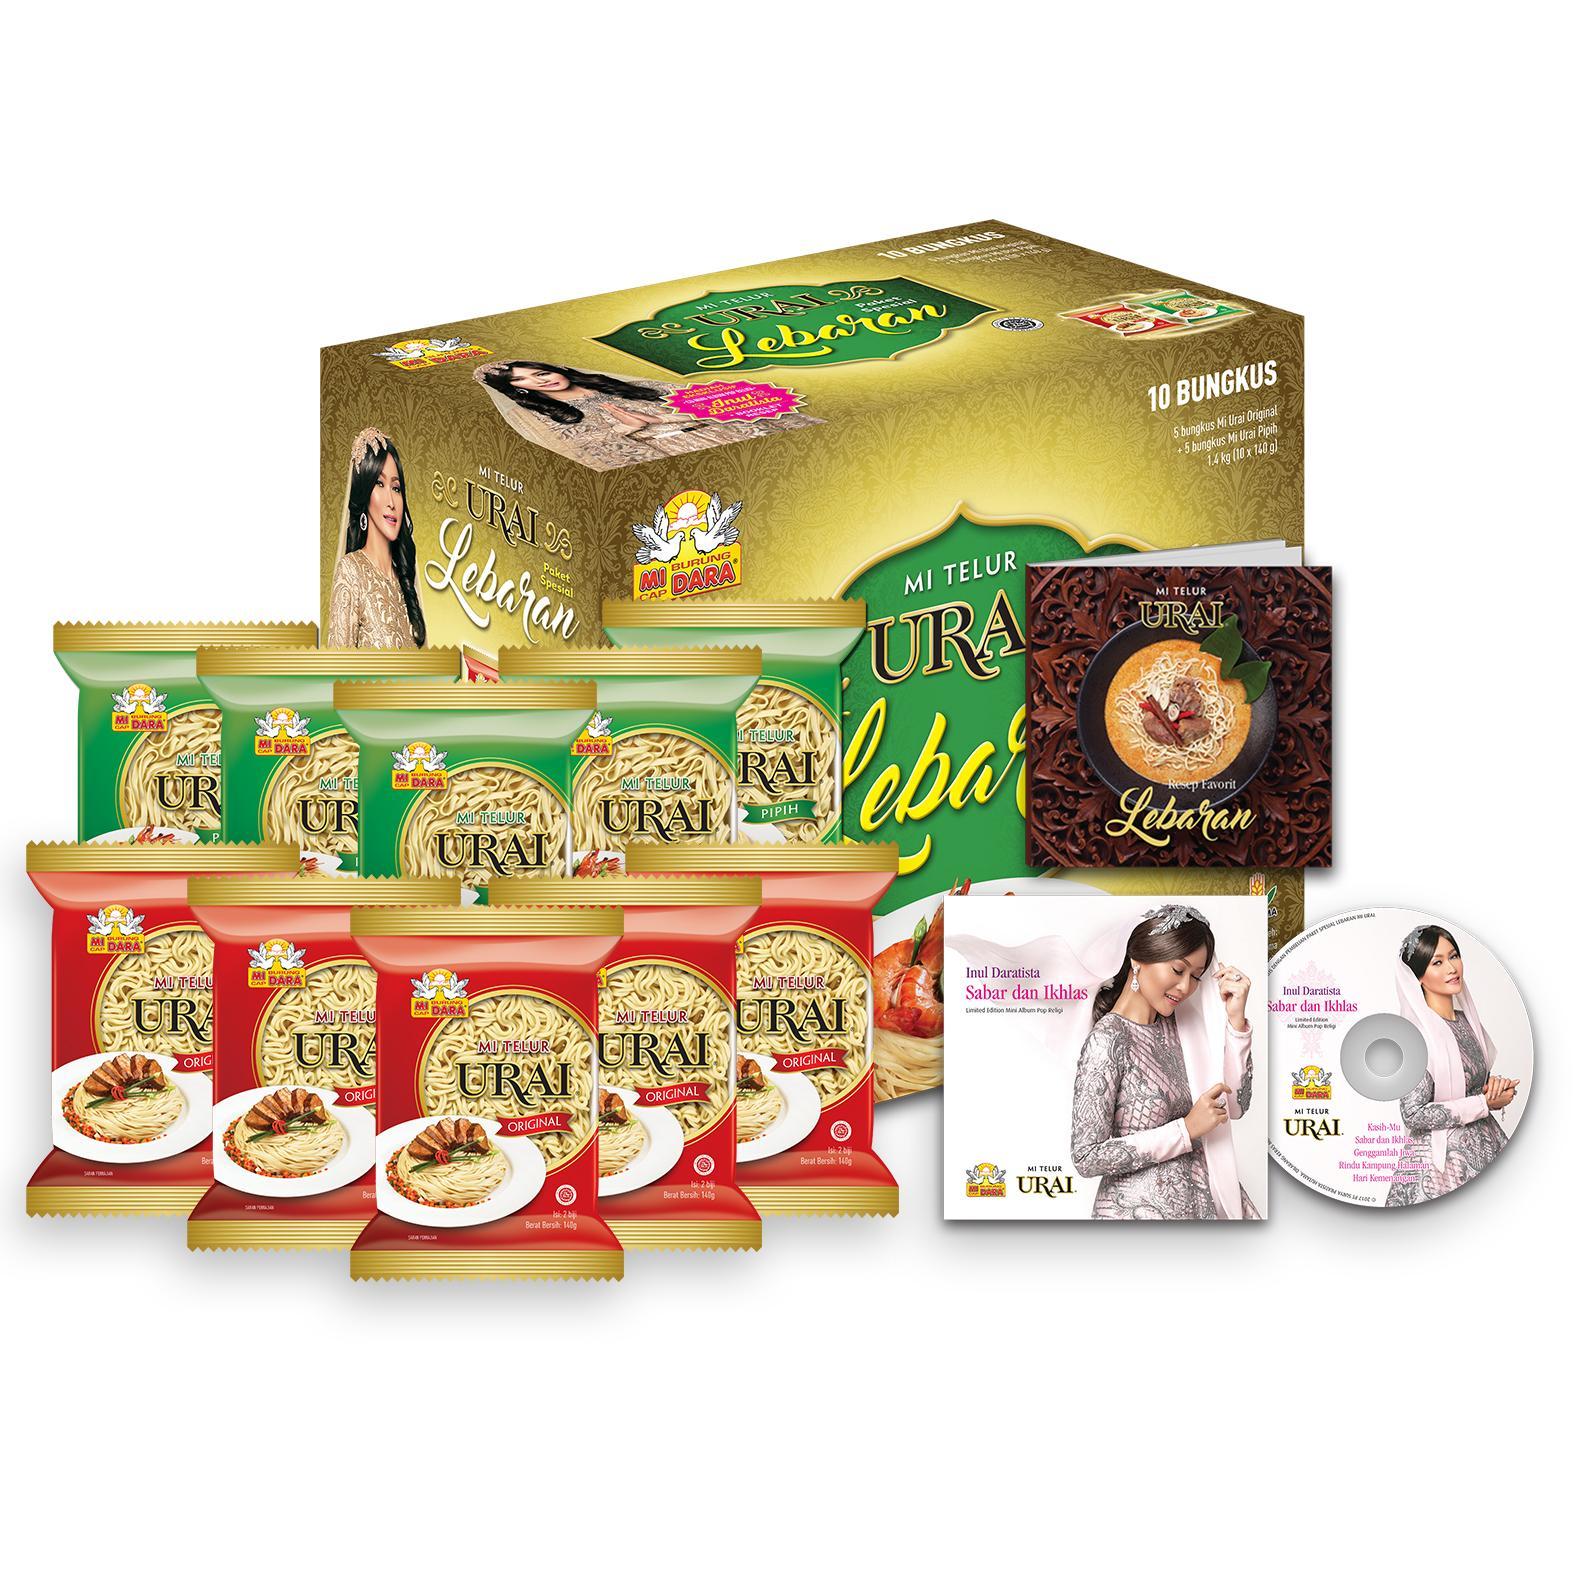 Paket Lebaran Mi Urai dari Mi Burung Dara (10 bungkus Mi Urai @ 140gr + bonus CD Mini Album Inul Daratista + bonus booklet resep lebaran)